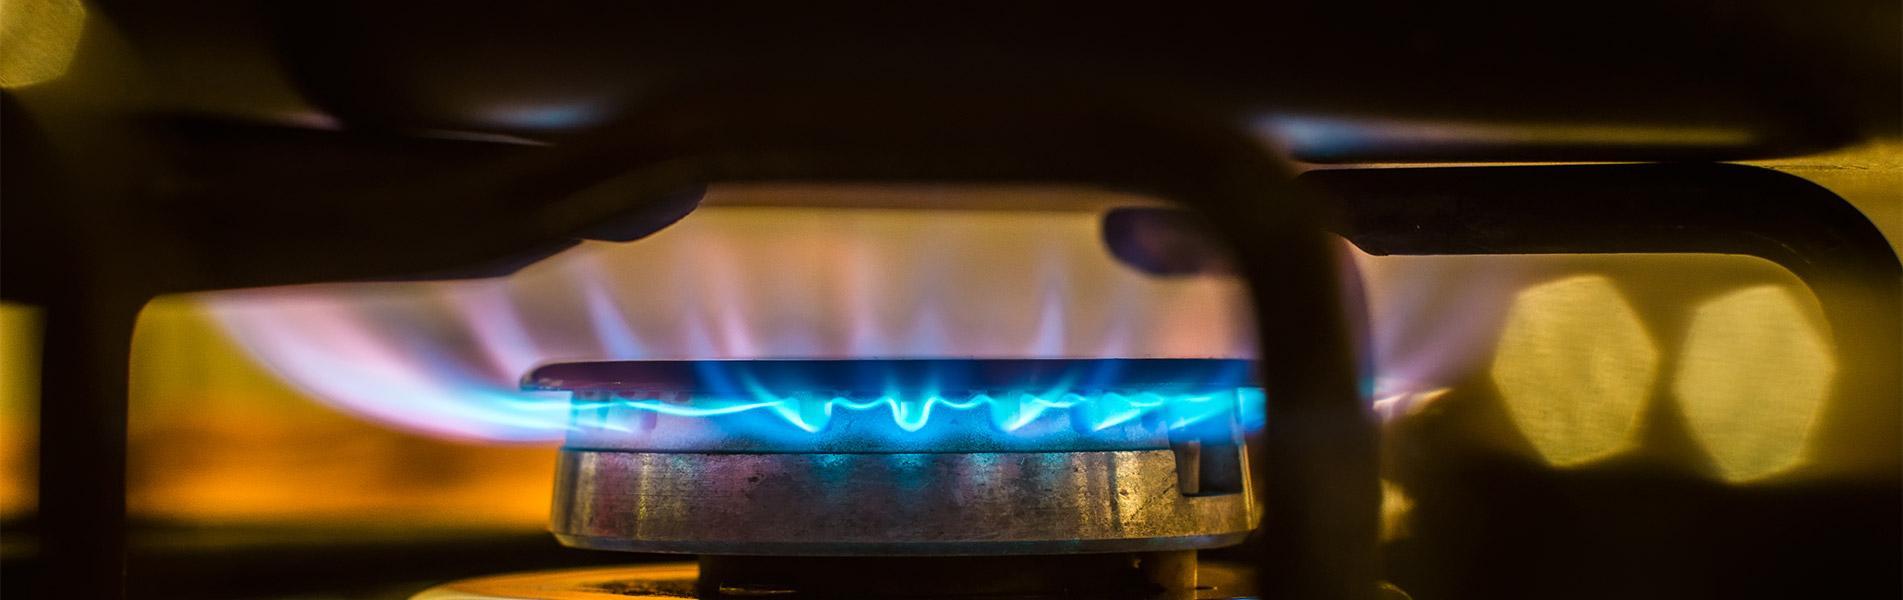 Φυσικό αέριο: Η κυβέρνηση προωθεί ανάλογο επίδομα θέρμανσης όπως στο πετρέλαιο